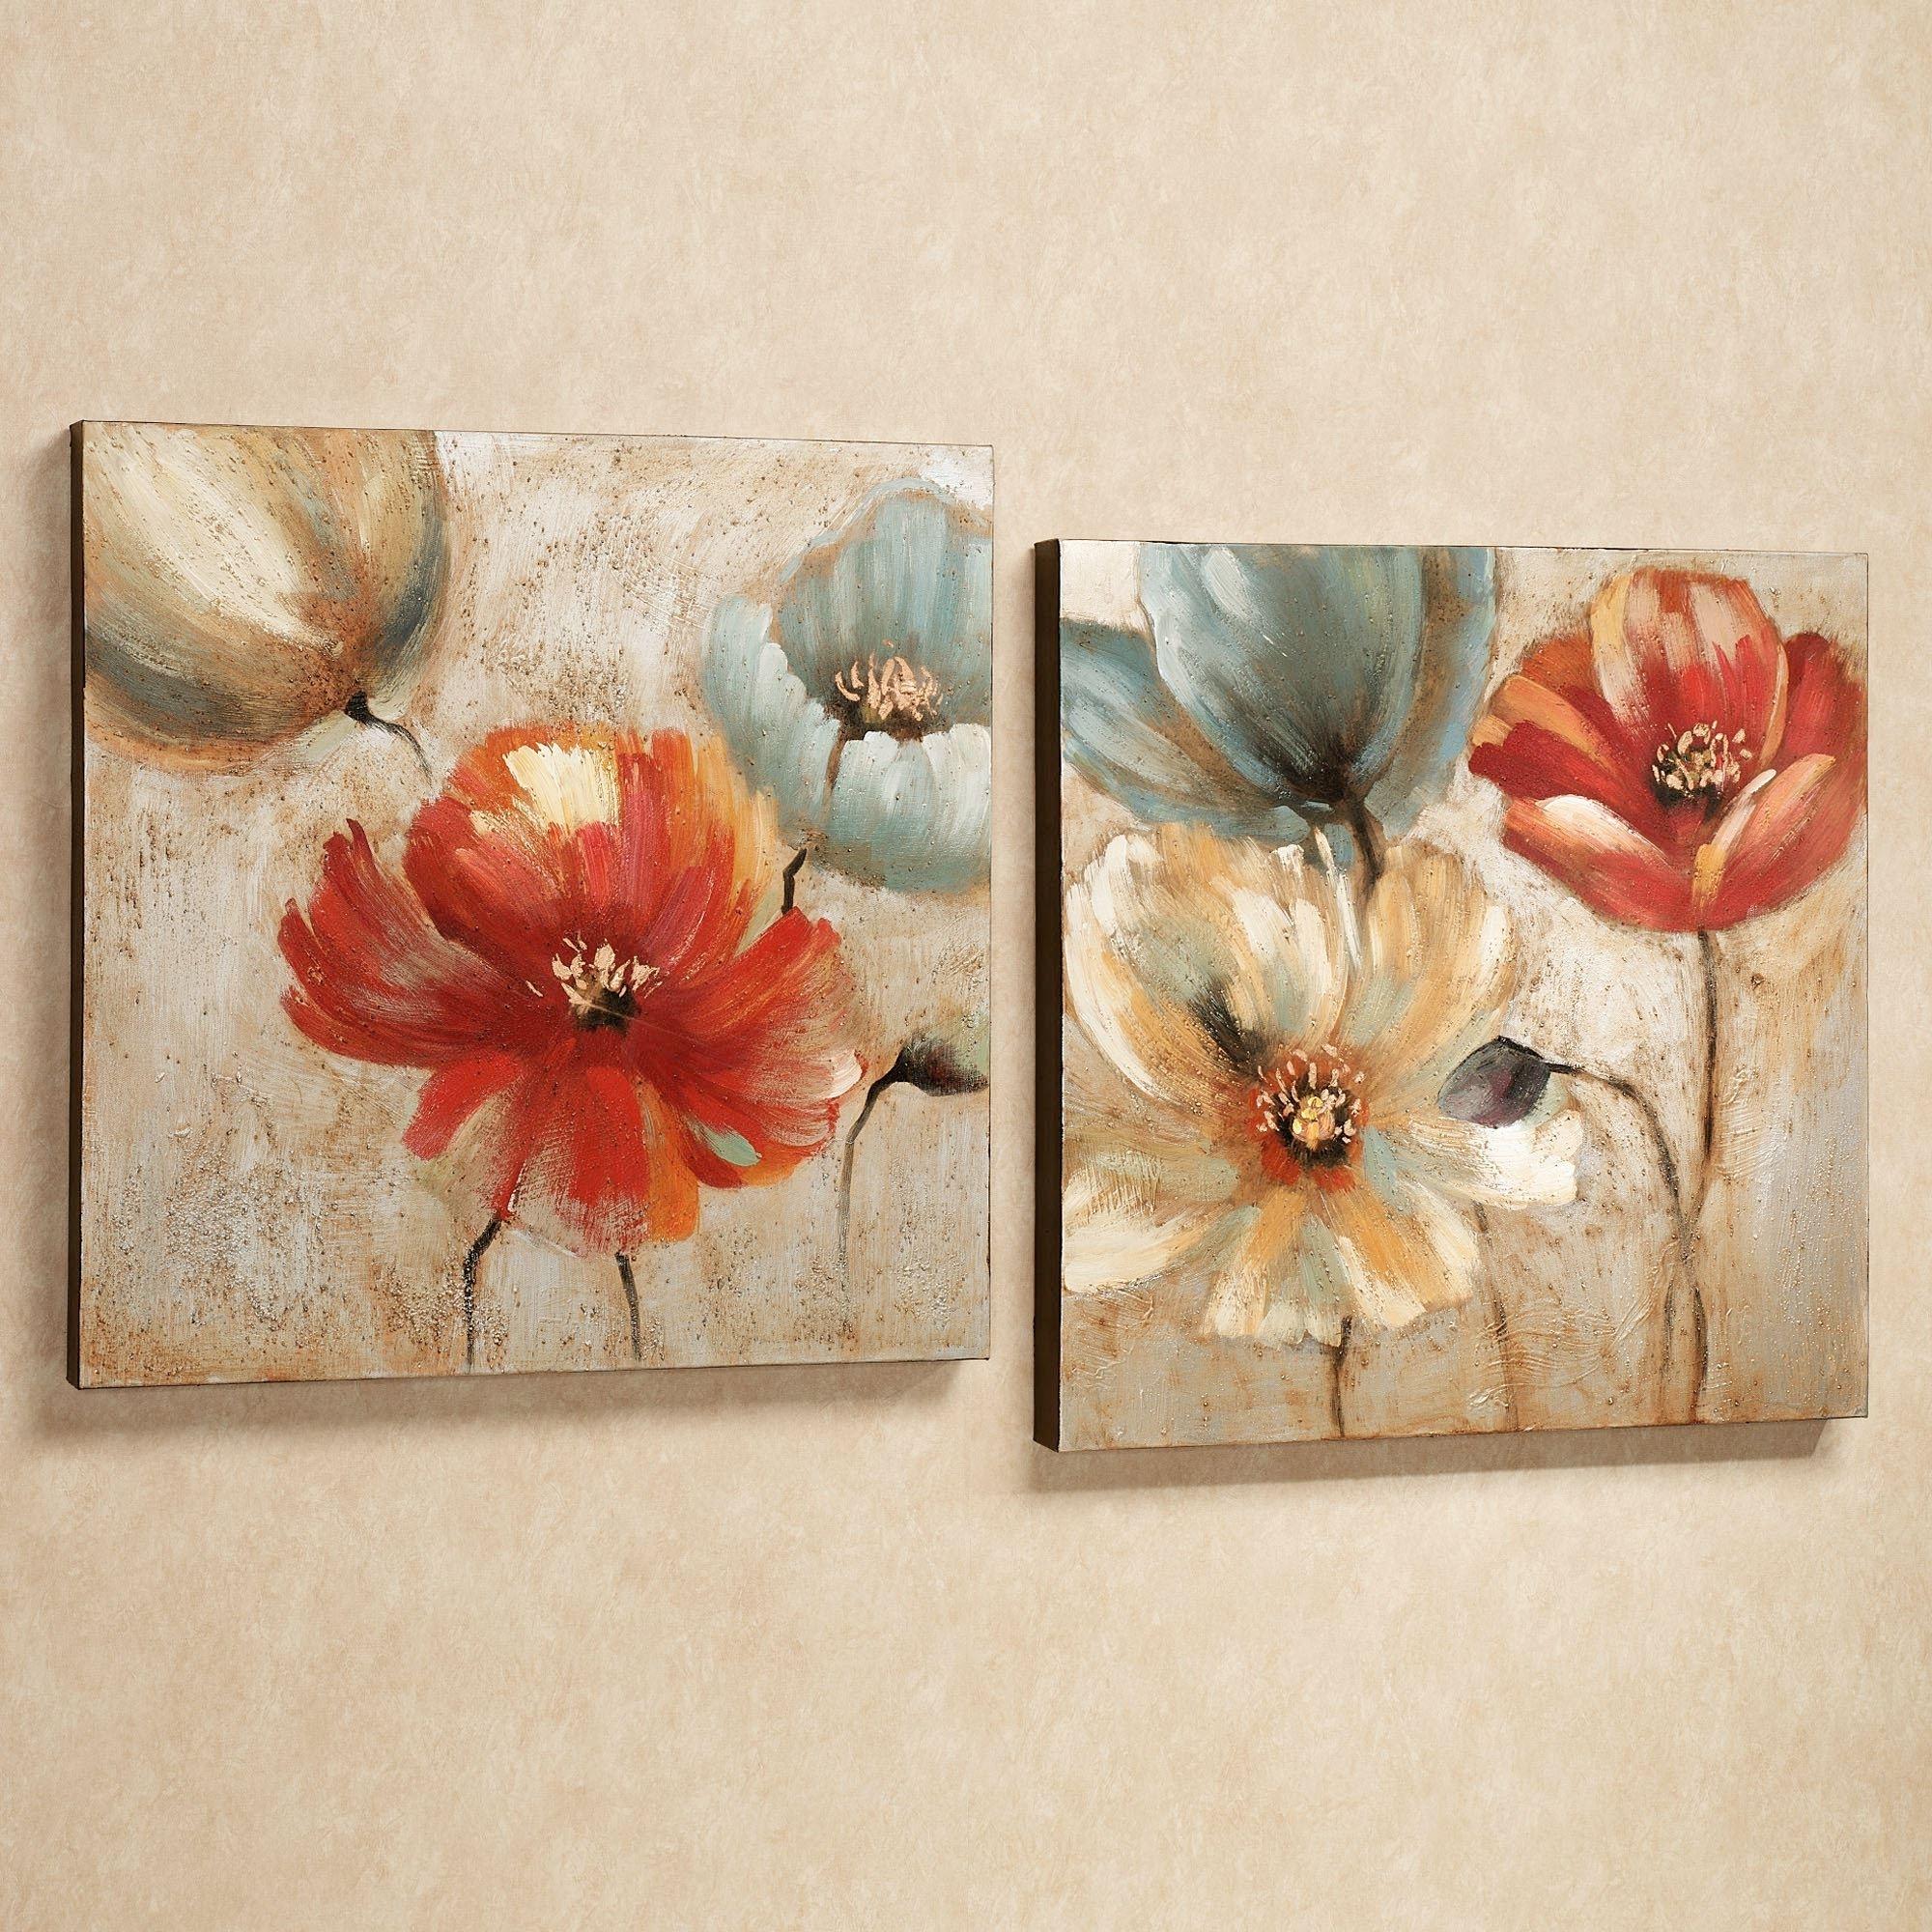 Joyful Garden Floral Canvas Wall Art Set Throughout 2017 Canvas Wall Art Of Flowers (View 6 of 15)